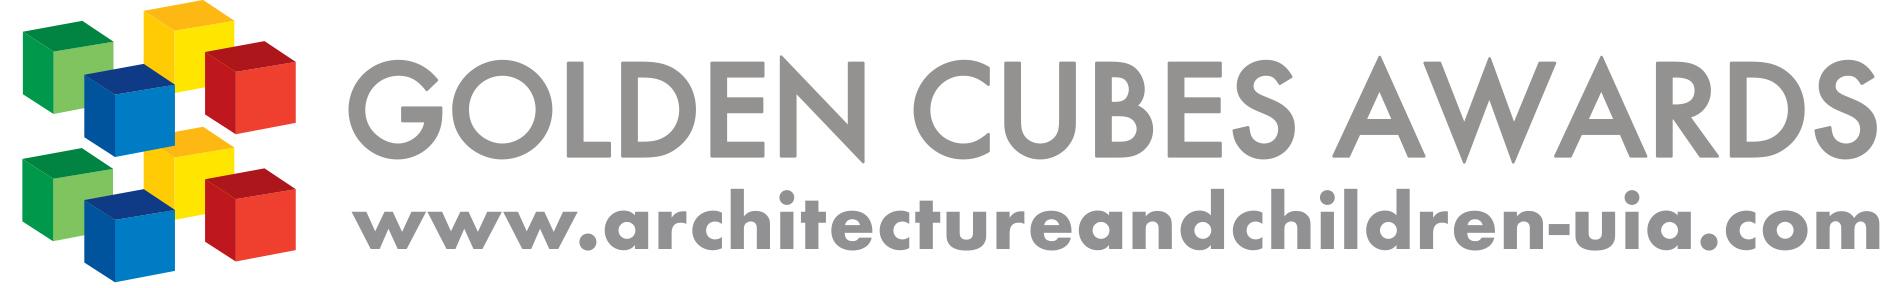 UIA ARCHITECTURE & CHILDREN GOLDEN CUBES AWARDS 2014-2017